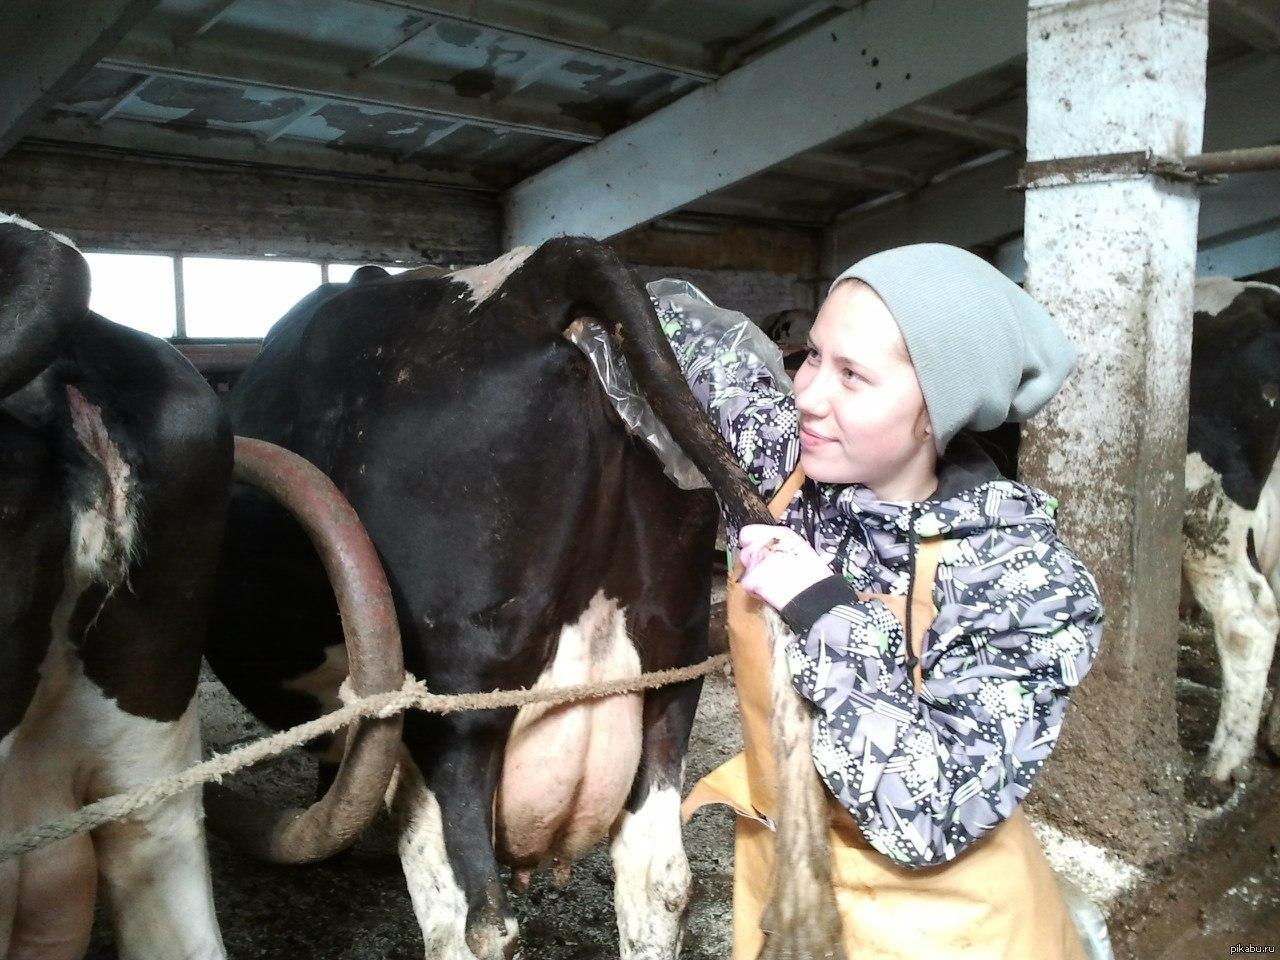 Фото жопы коровы 22 фотография